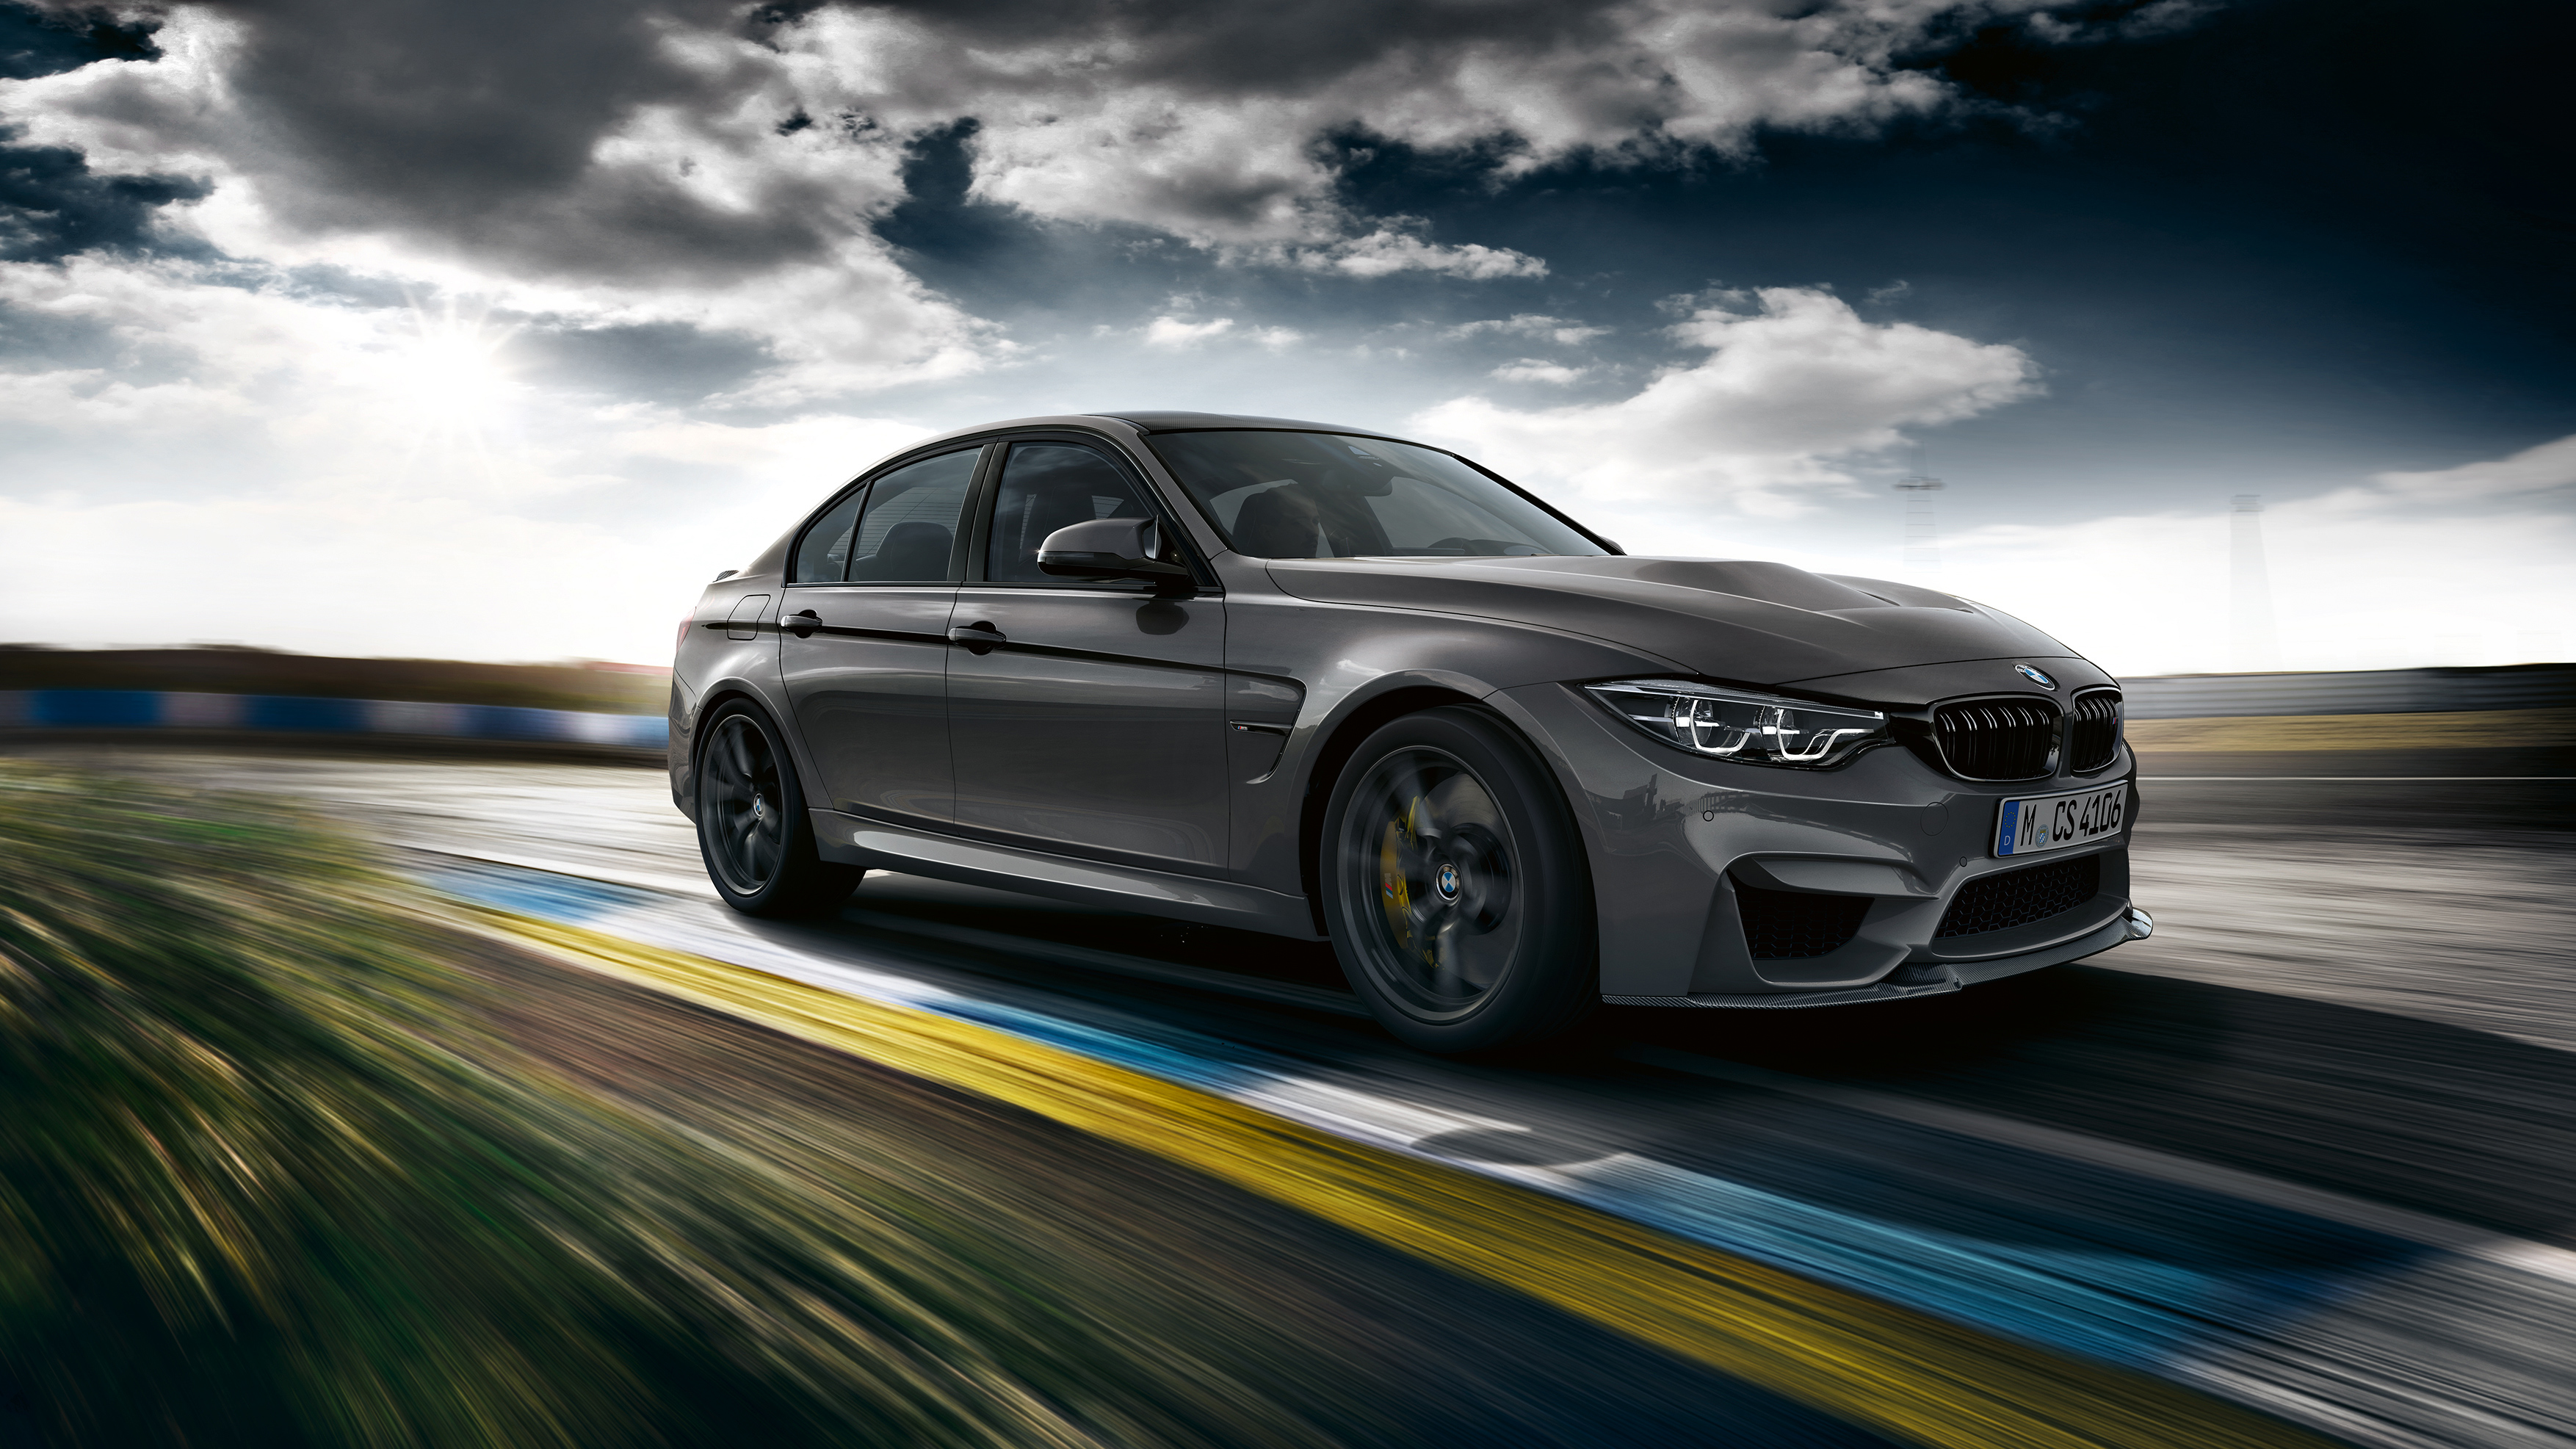 Bmw M3 Hd Wallpaper: 2018 BMW M3 CS Wallpaper